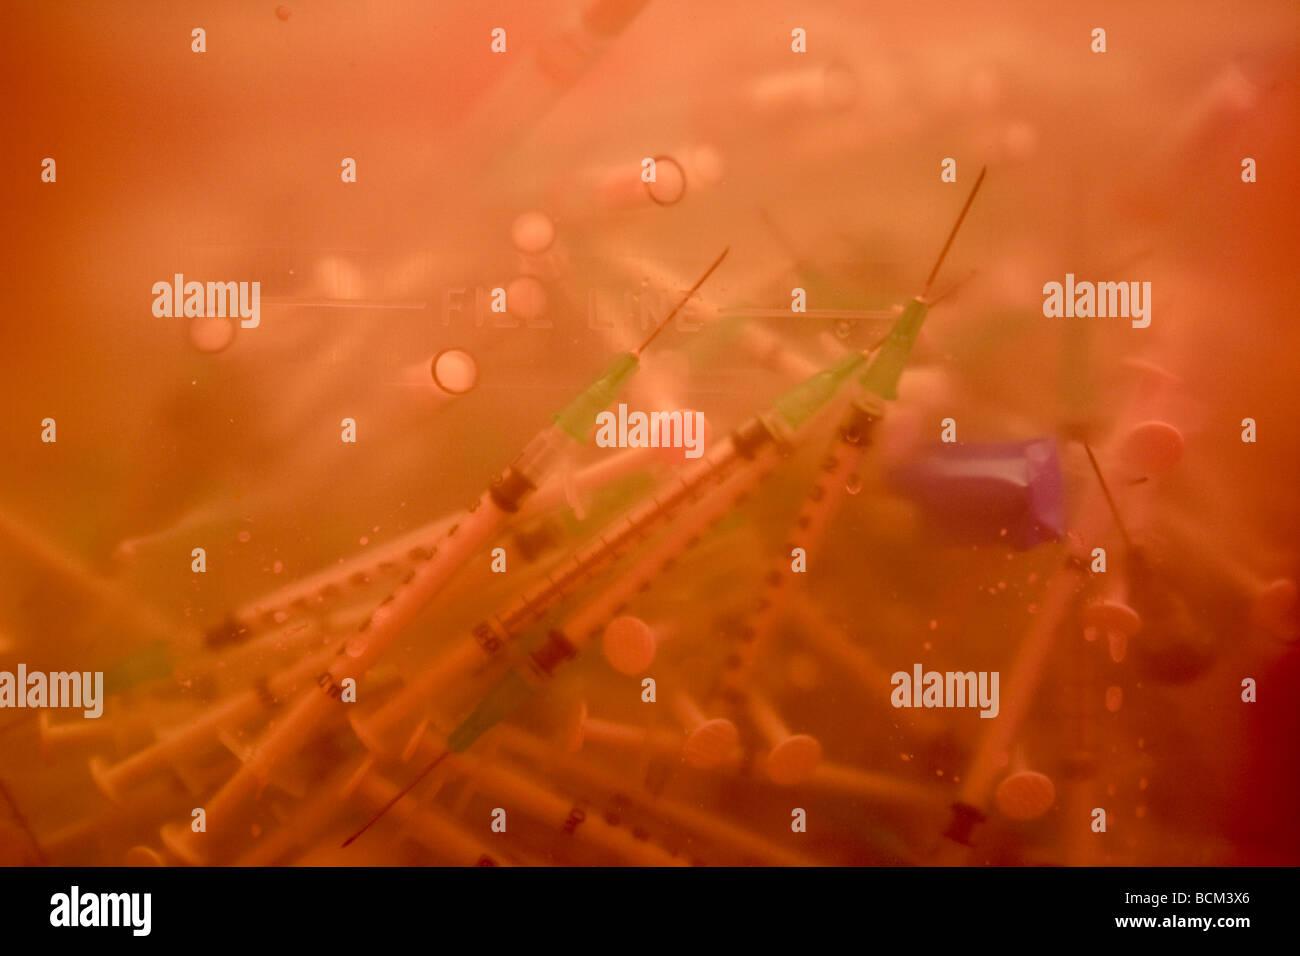 Svuotare siringhe in un laboratorio di scienze Immagini Stock